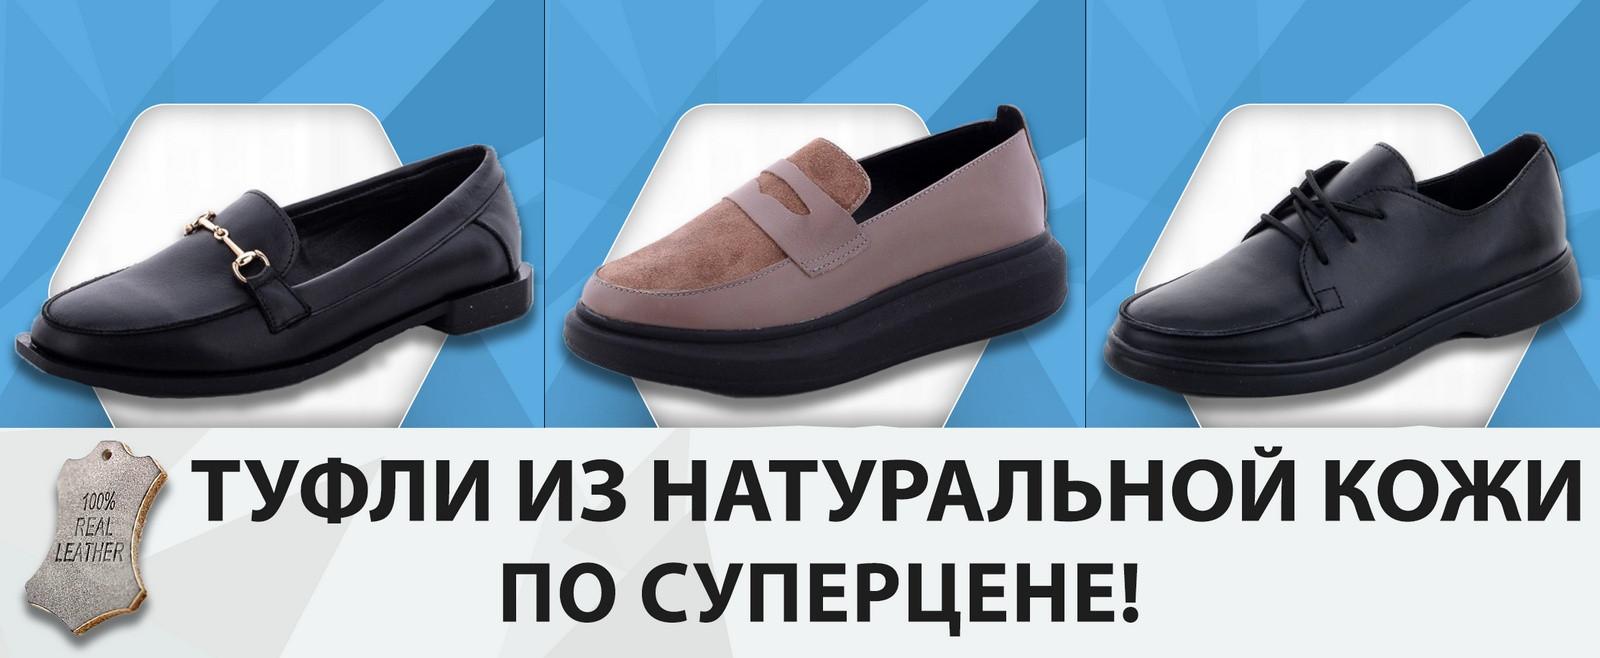 Купити жіночі туфлі зі шкіри - оптові ціни